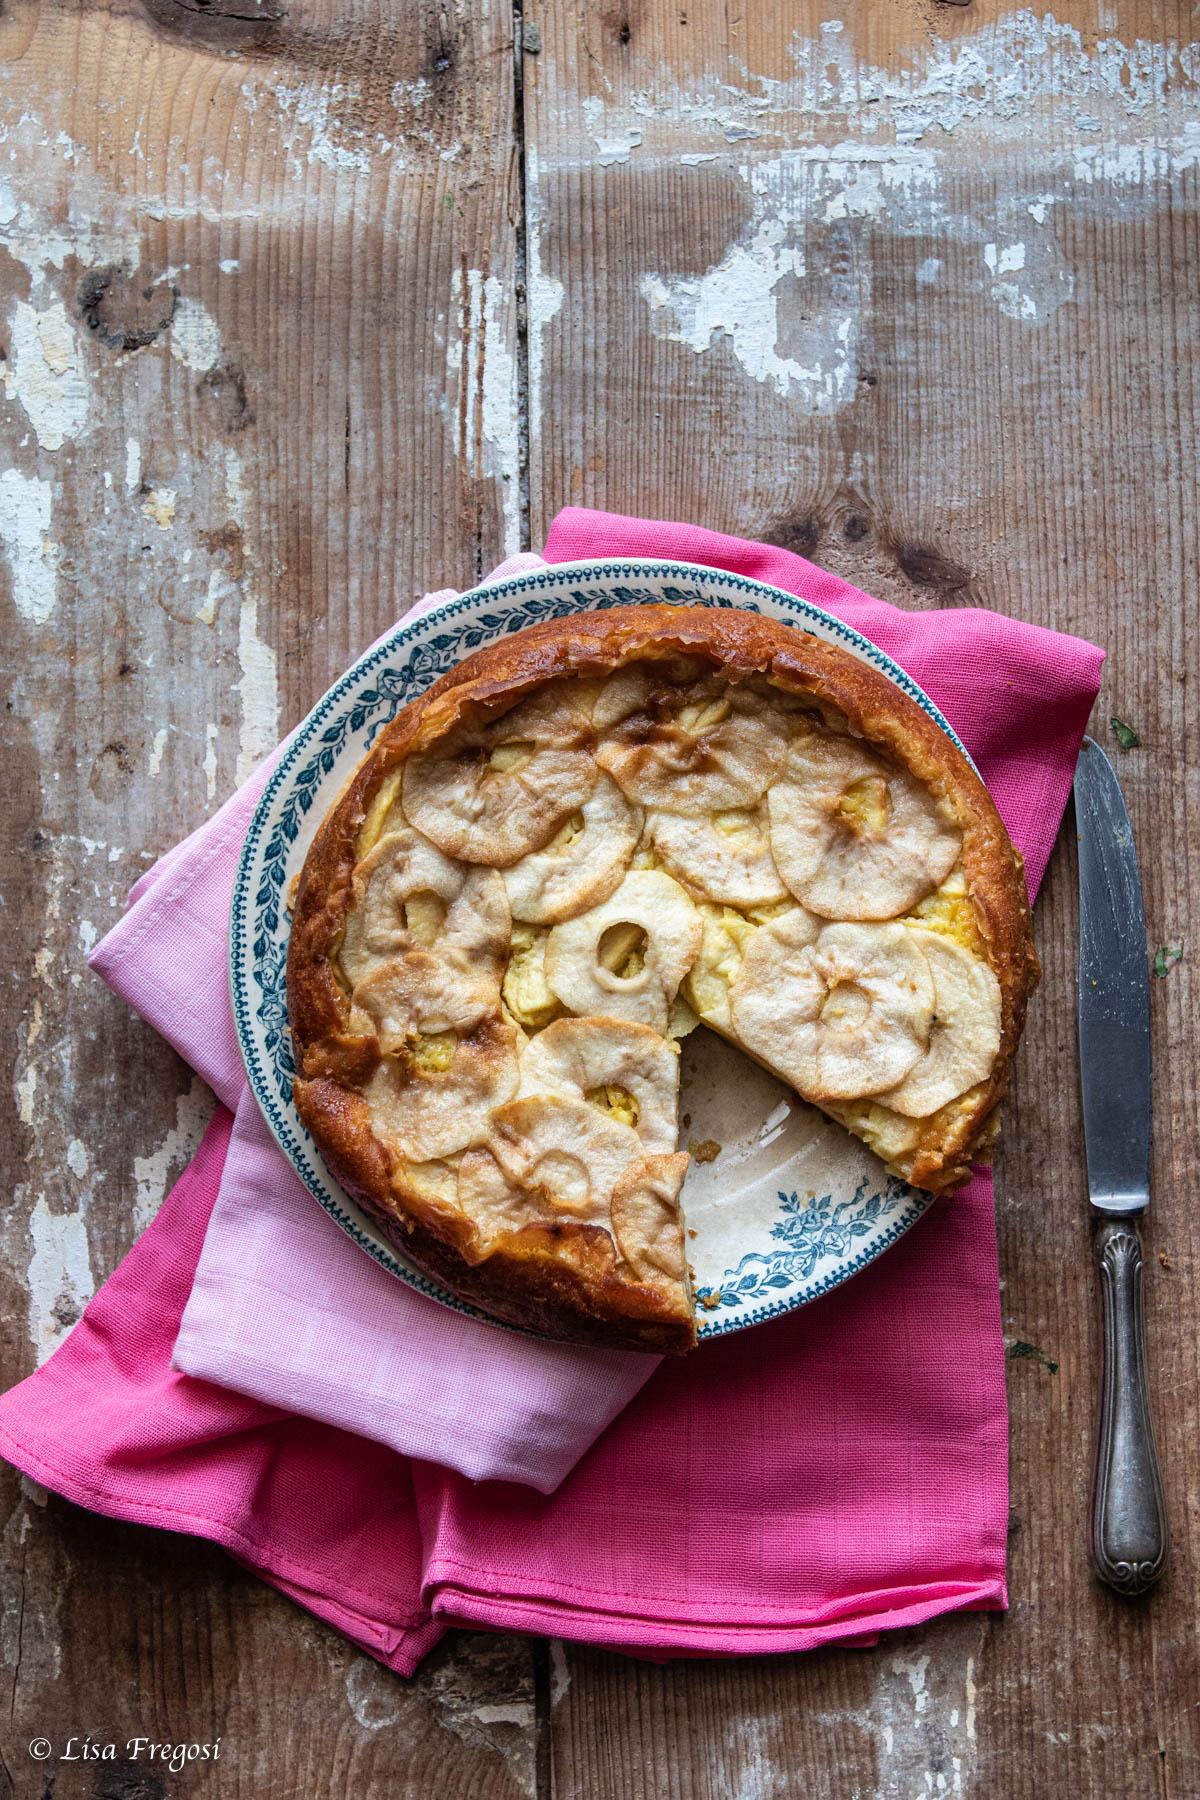 torta di mele come conservarla torta di mele soffice torta di mele ricetta torta di mele cremosa la torta di mele la torta di mele più buona la torta di mele si può congelare la torta di mele come si fa